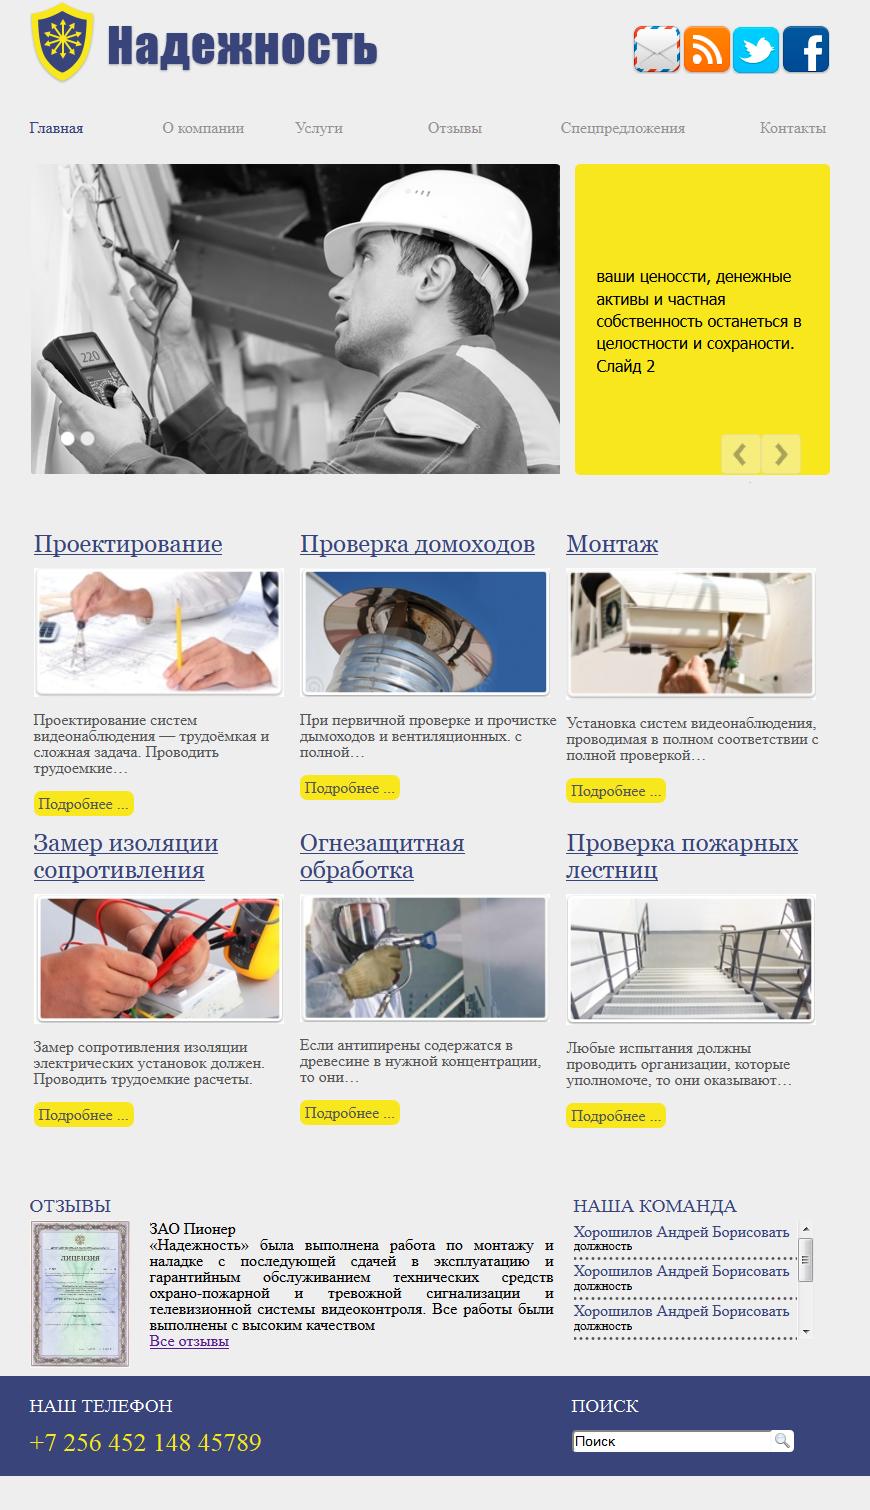 Сайт компании «Надежность»